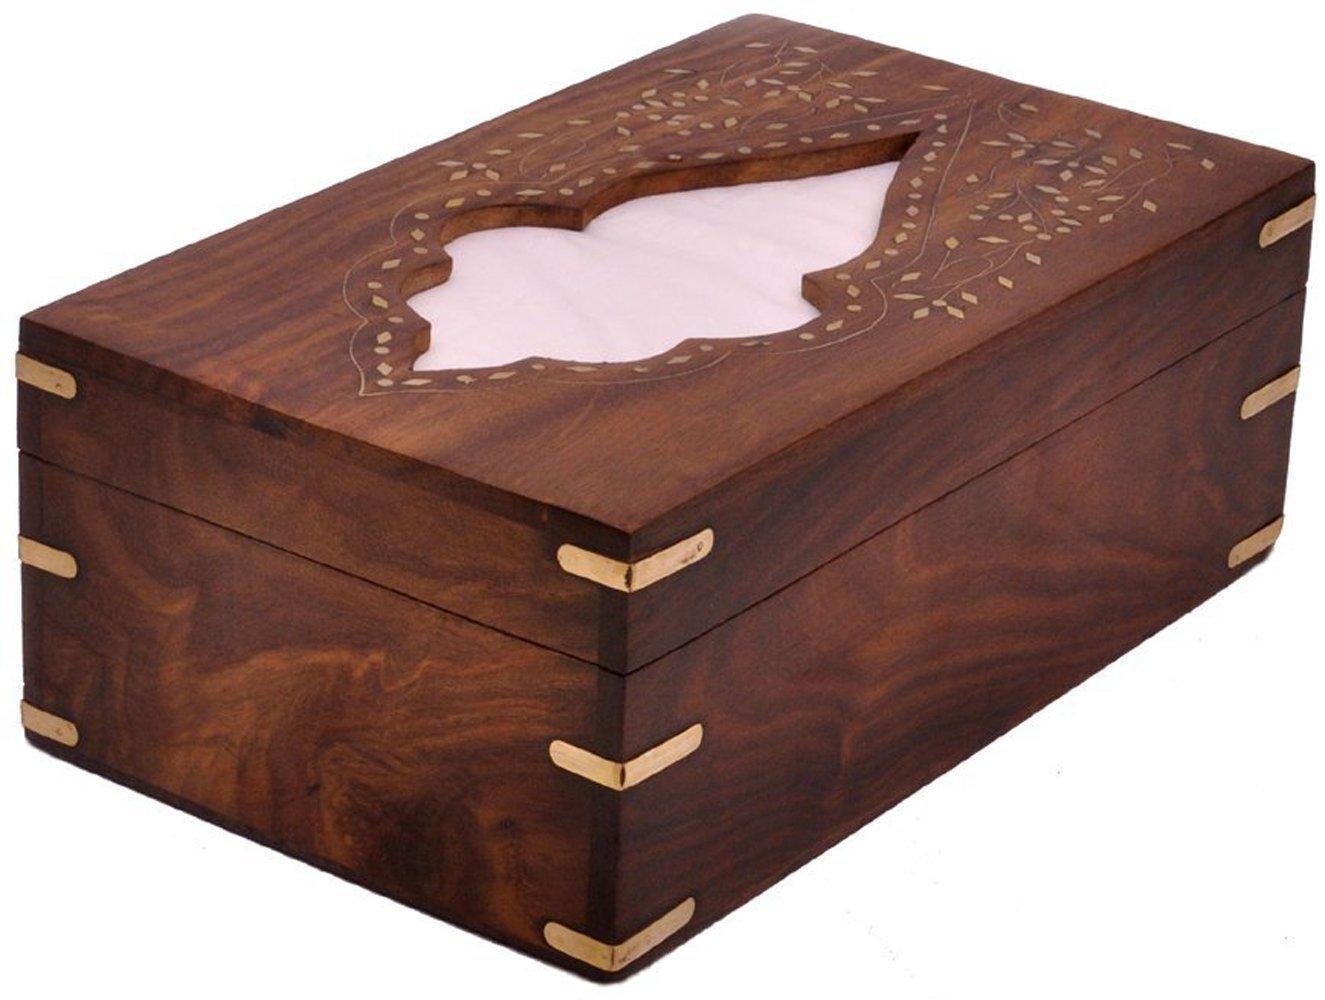 The StoreKing Wooden Handmade Rectangular Wooden Tissue Box Cover Dispenser with Decorative Brass Inlay- Artisan-Crafted Elegant Wooden Tissue Holder, Tissue Organizer, Tissue Dispenser